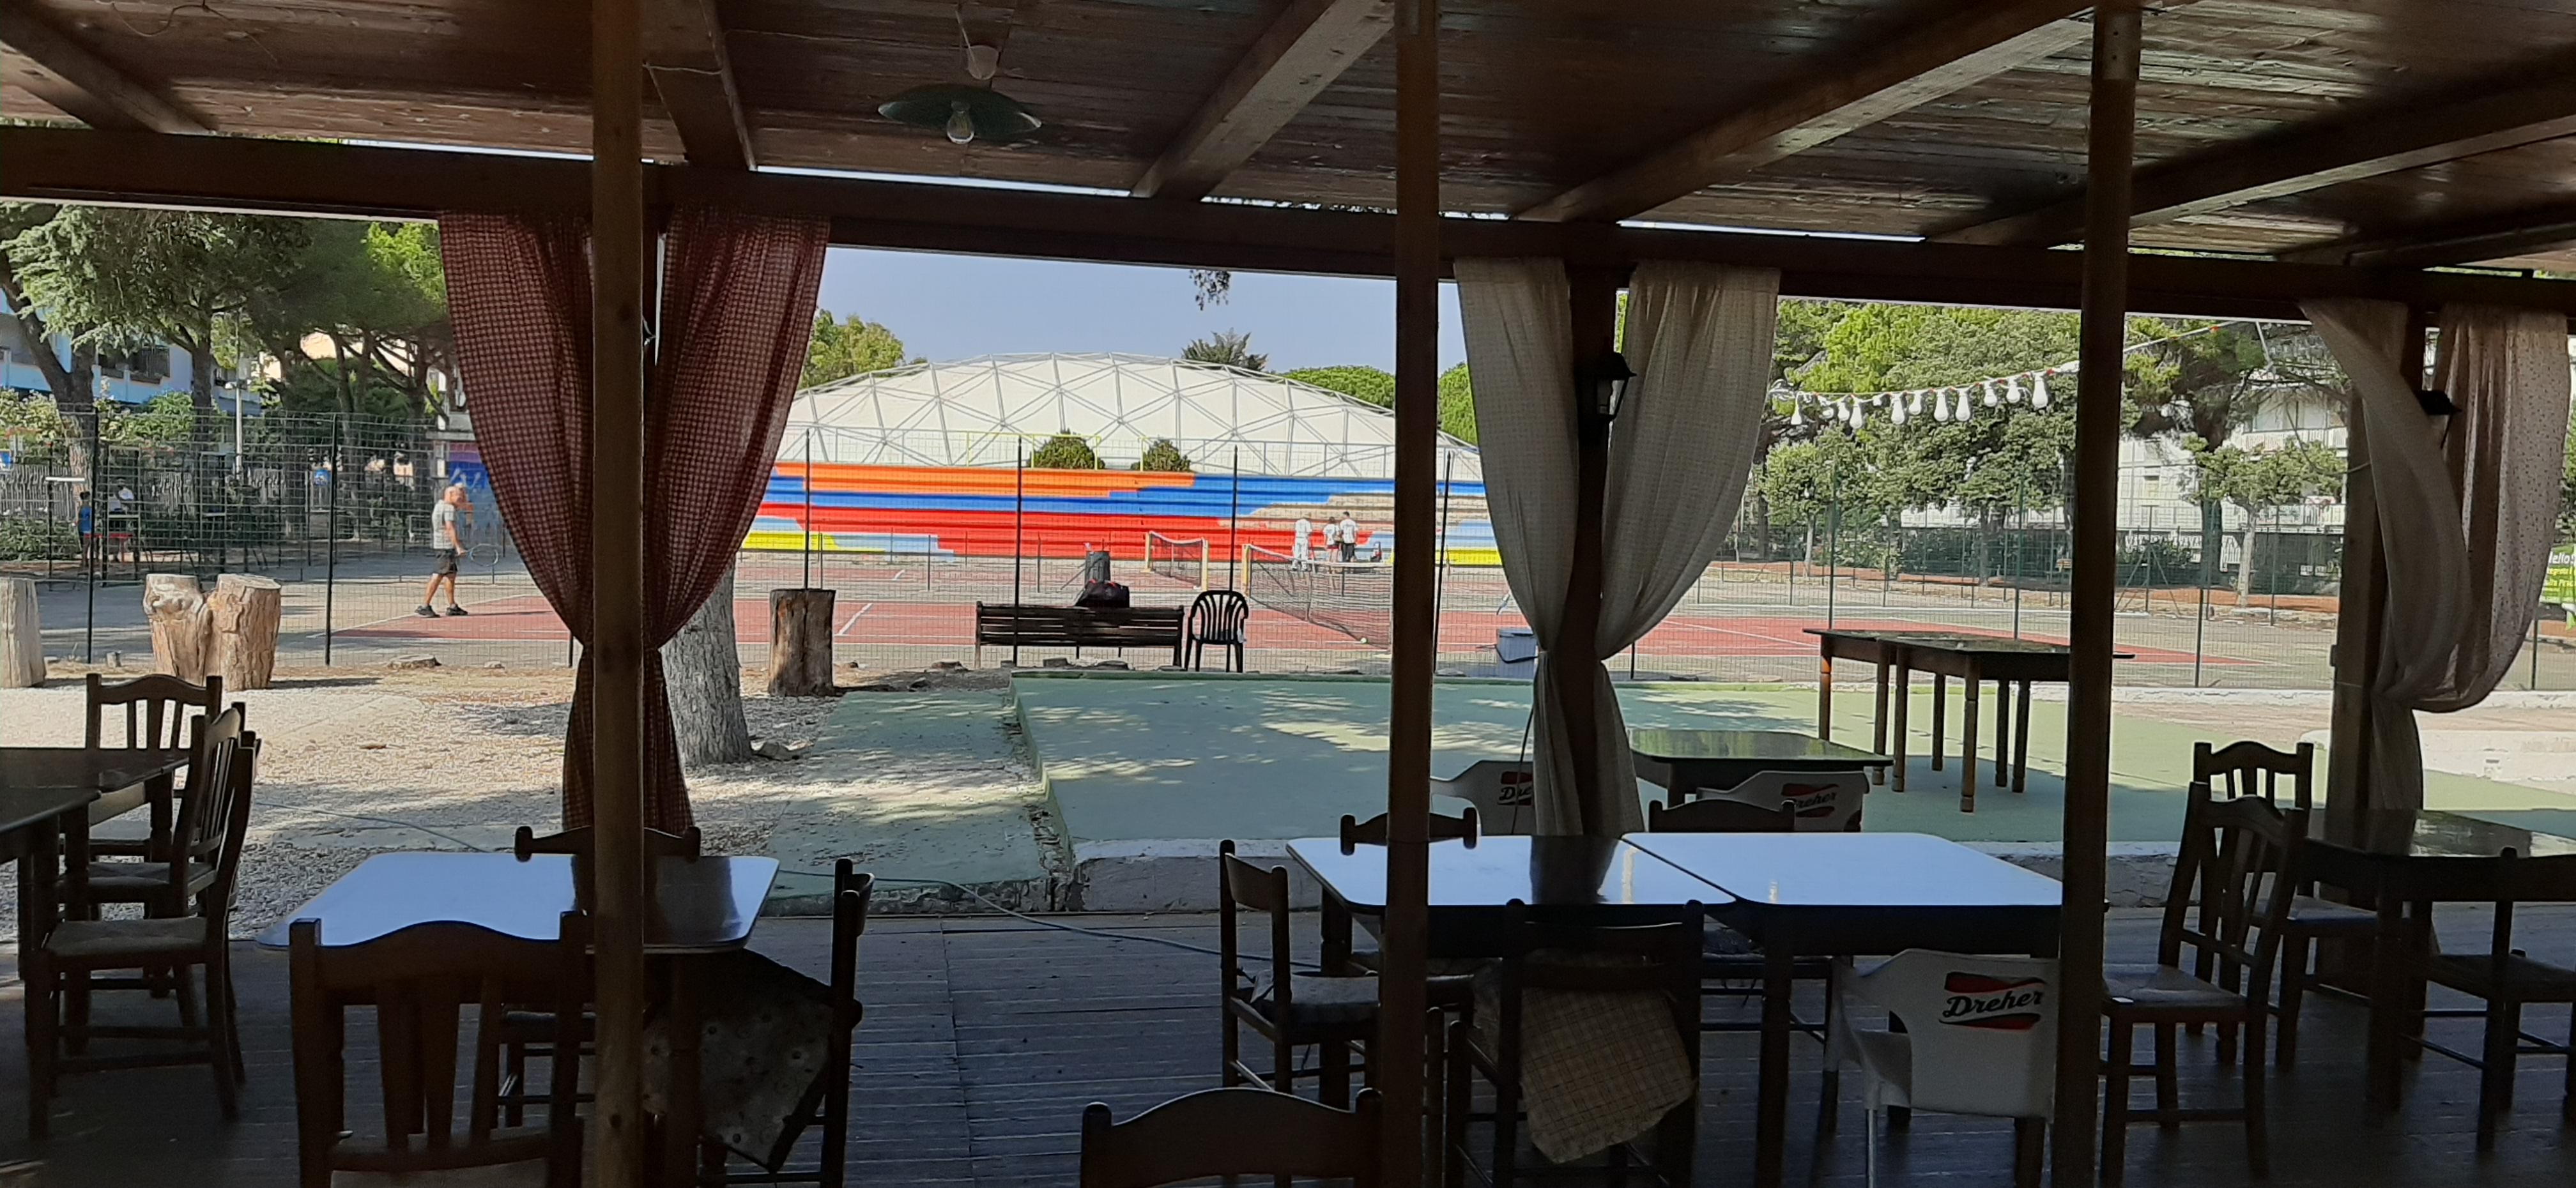 """Parco Buscicchio, nel mirino il bar-ristorante: """"Il Comune mette in discussione la nostra concessione ma poi non è in grado di evitare i continui atti di vandalismo"""""""